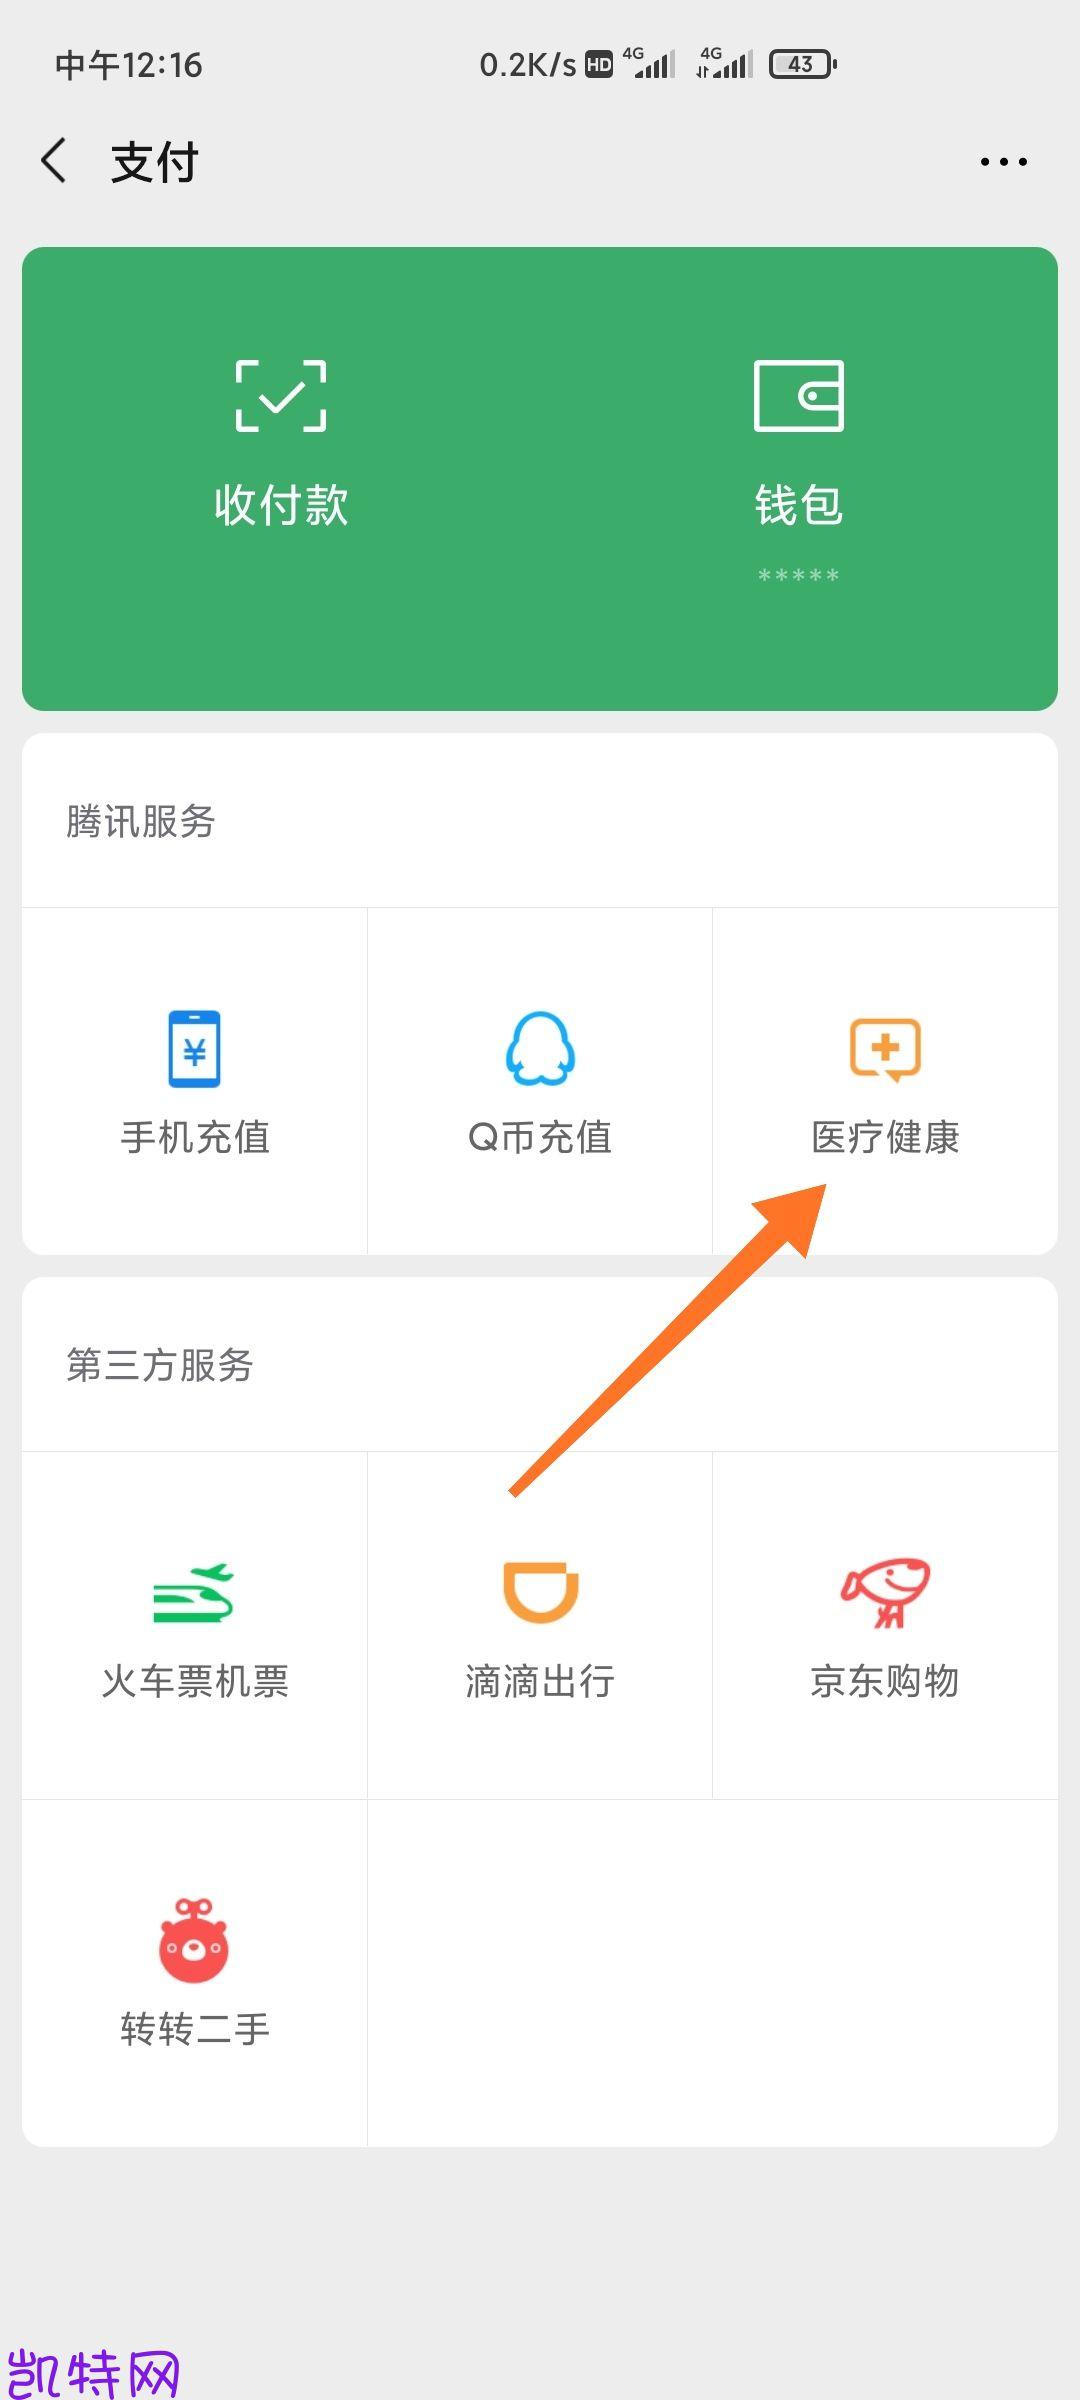 【现金红包】微信医疗健康红包